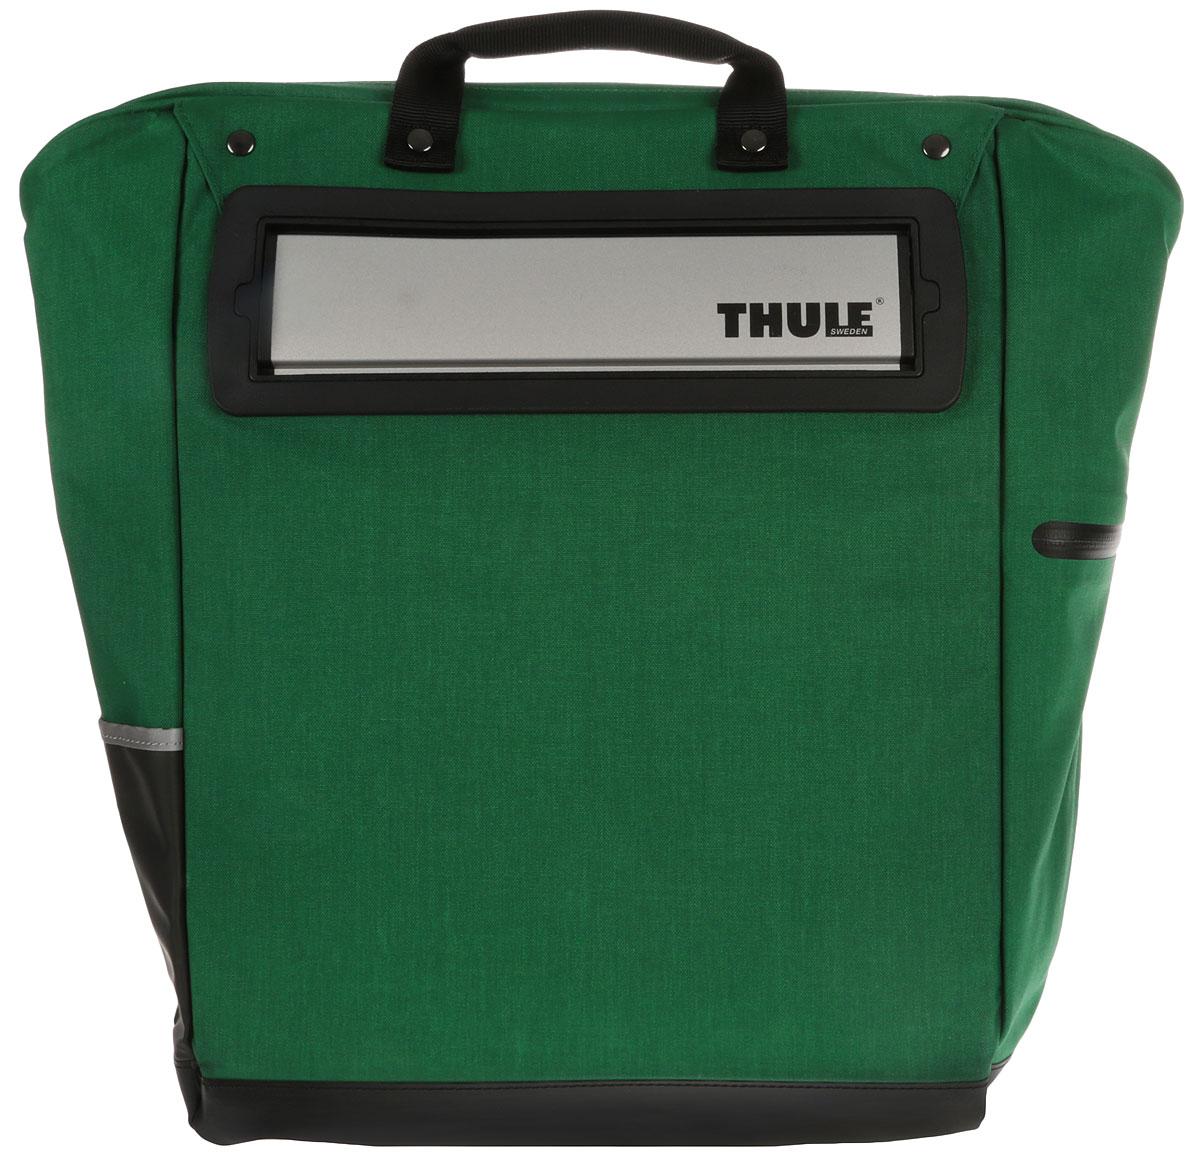 Сумка велосипедная Thule Tote, цвет: зеленый, черный, 23,5 л100002_зеленыйВелосипедная сумка Thule Tote выполнена из высококачественных материалов в городском стиле. Легко трансформируется в повседневную сумку. Сумка имеет одно главное отделение, которое позволяет удобно помещать крупные вещи. Изделие оснащено удобными ручками и регулируемым ремнем через плечо.Система крепления проста в использовании, безопасна и имеет малый уровень вибрации. Крепления-невидимки легко отщелкиваются для максимального удобства при переноске без велосипеда. По бокам сумки расположен карман без застежки и карман на молнии для хранения наплечного ремня.Светоотражающие полоски повышают заметность на дороге в темное время суток. Сумку можно установить с любой стороны велосипеда. Она подходит к большинству видов багажника.